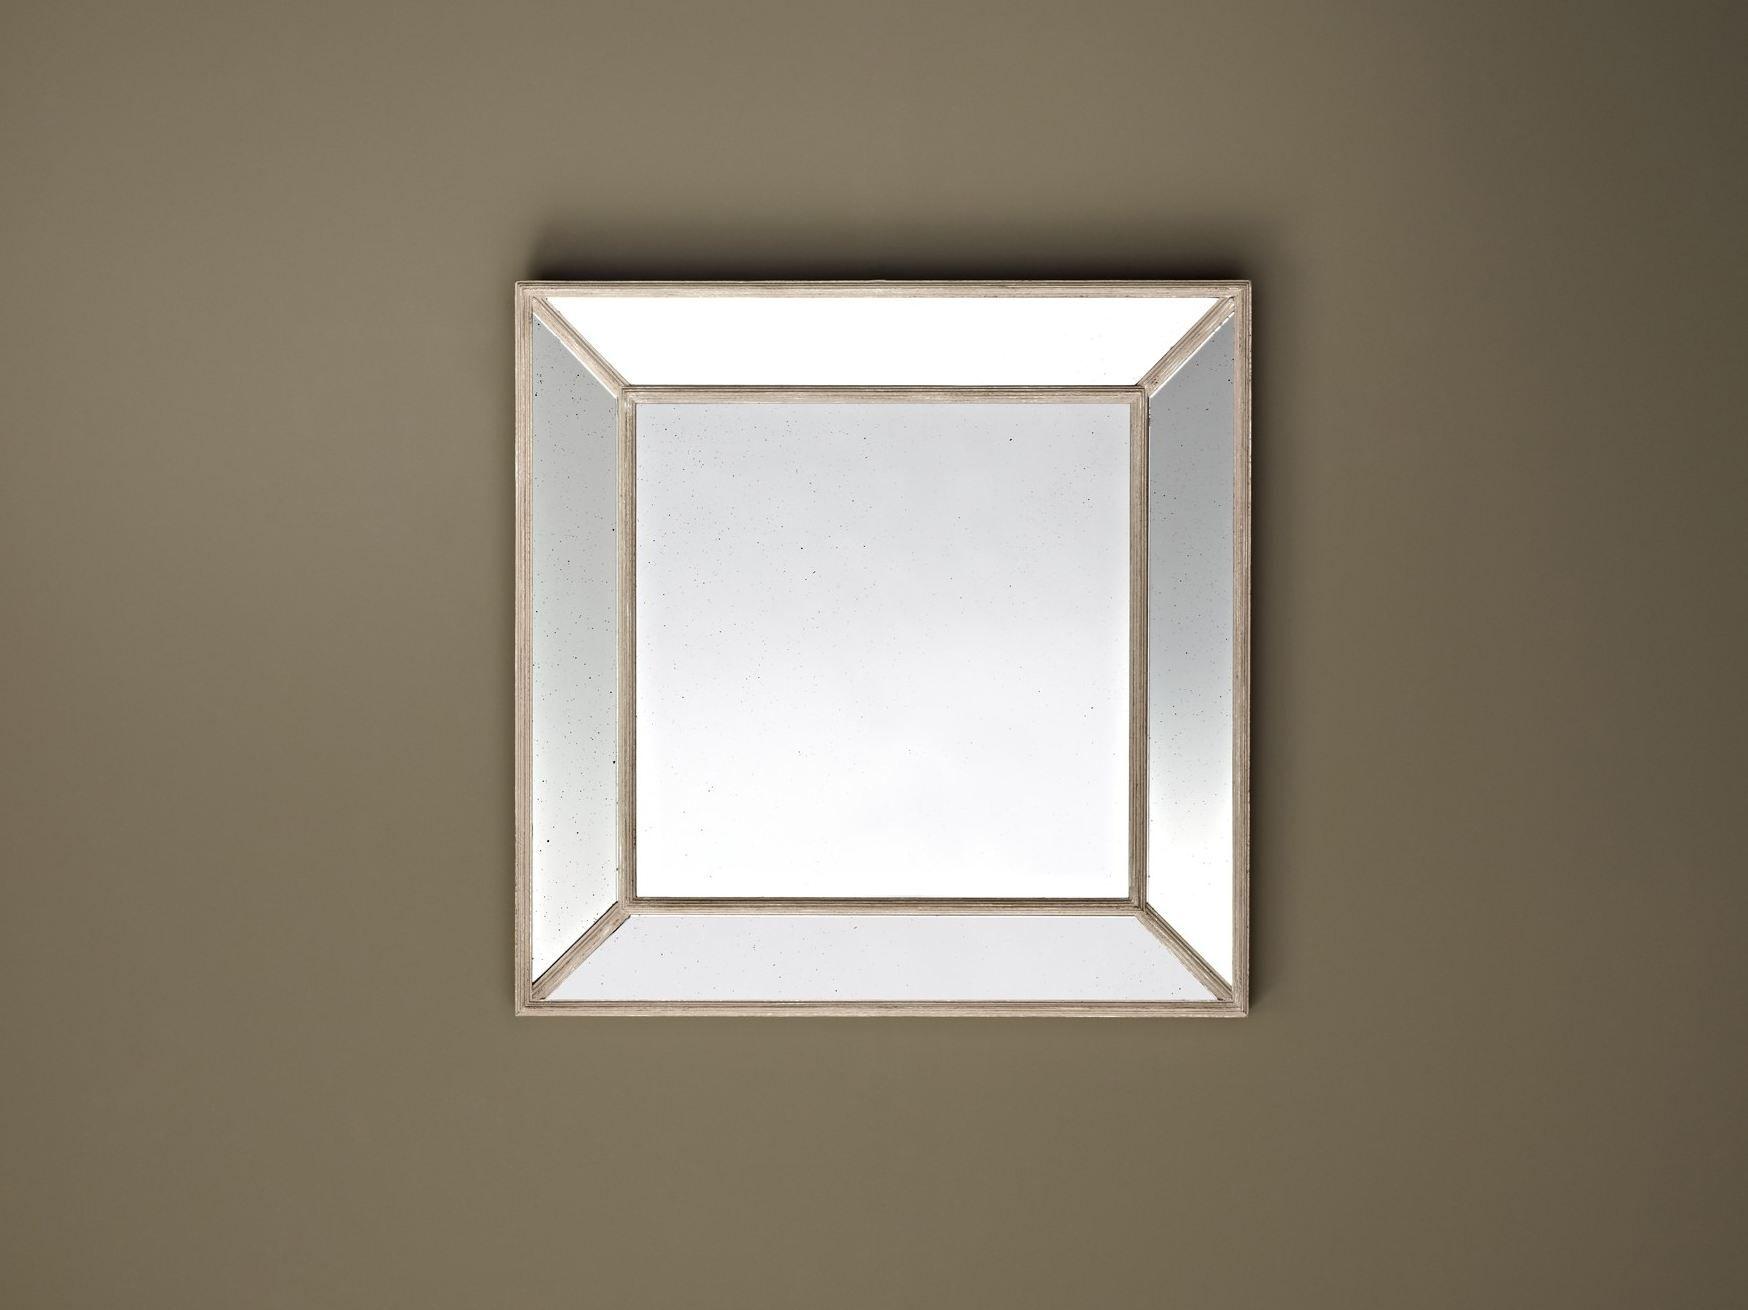 Specchio quadrato a parete con cornice RUSTIC by DEKNUDT MIRRORS